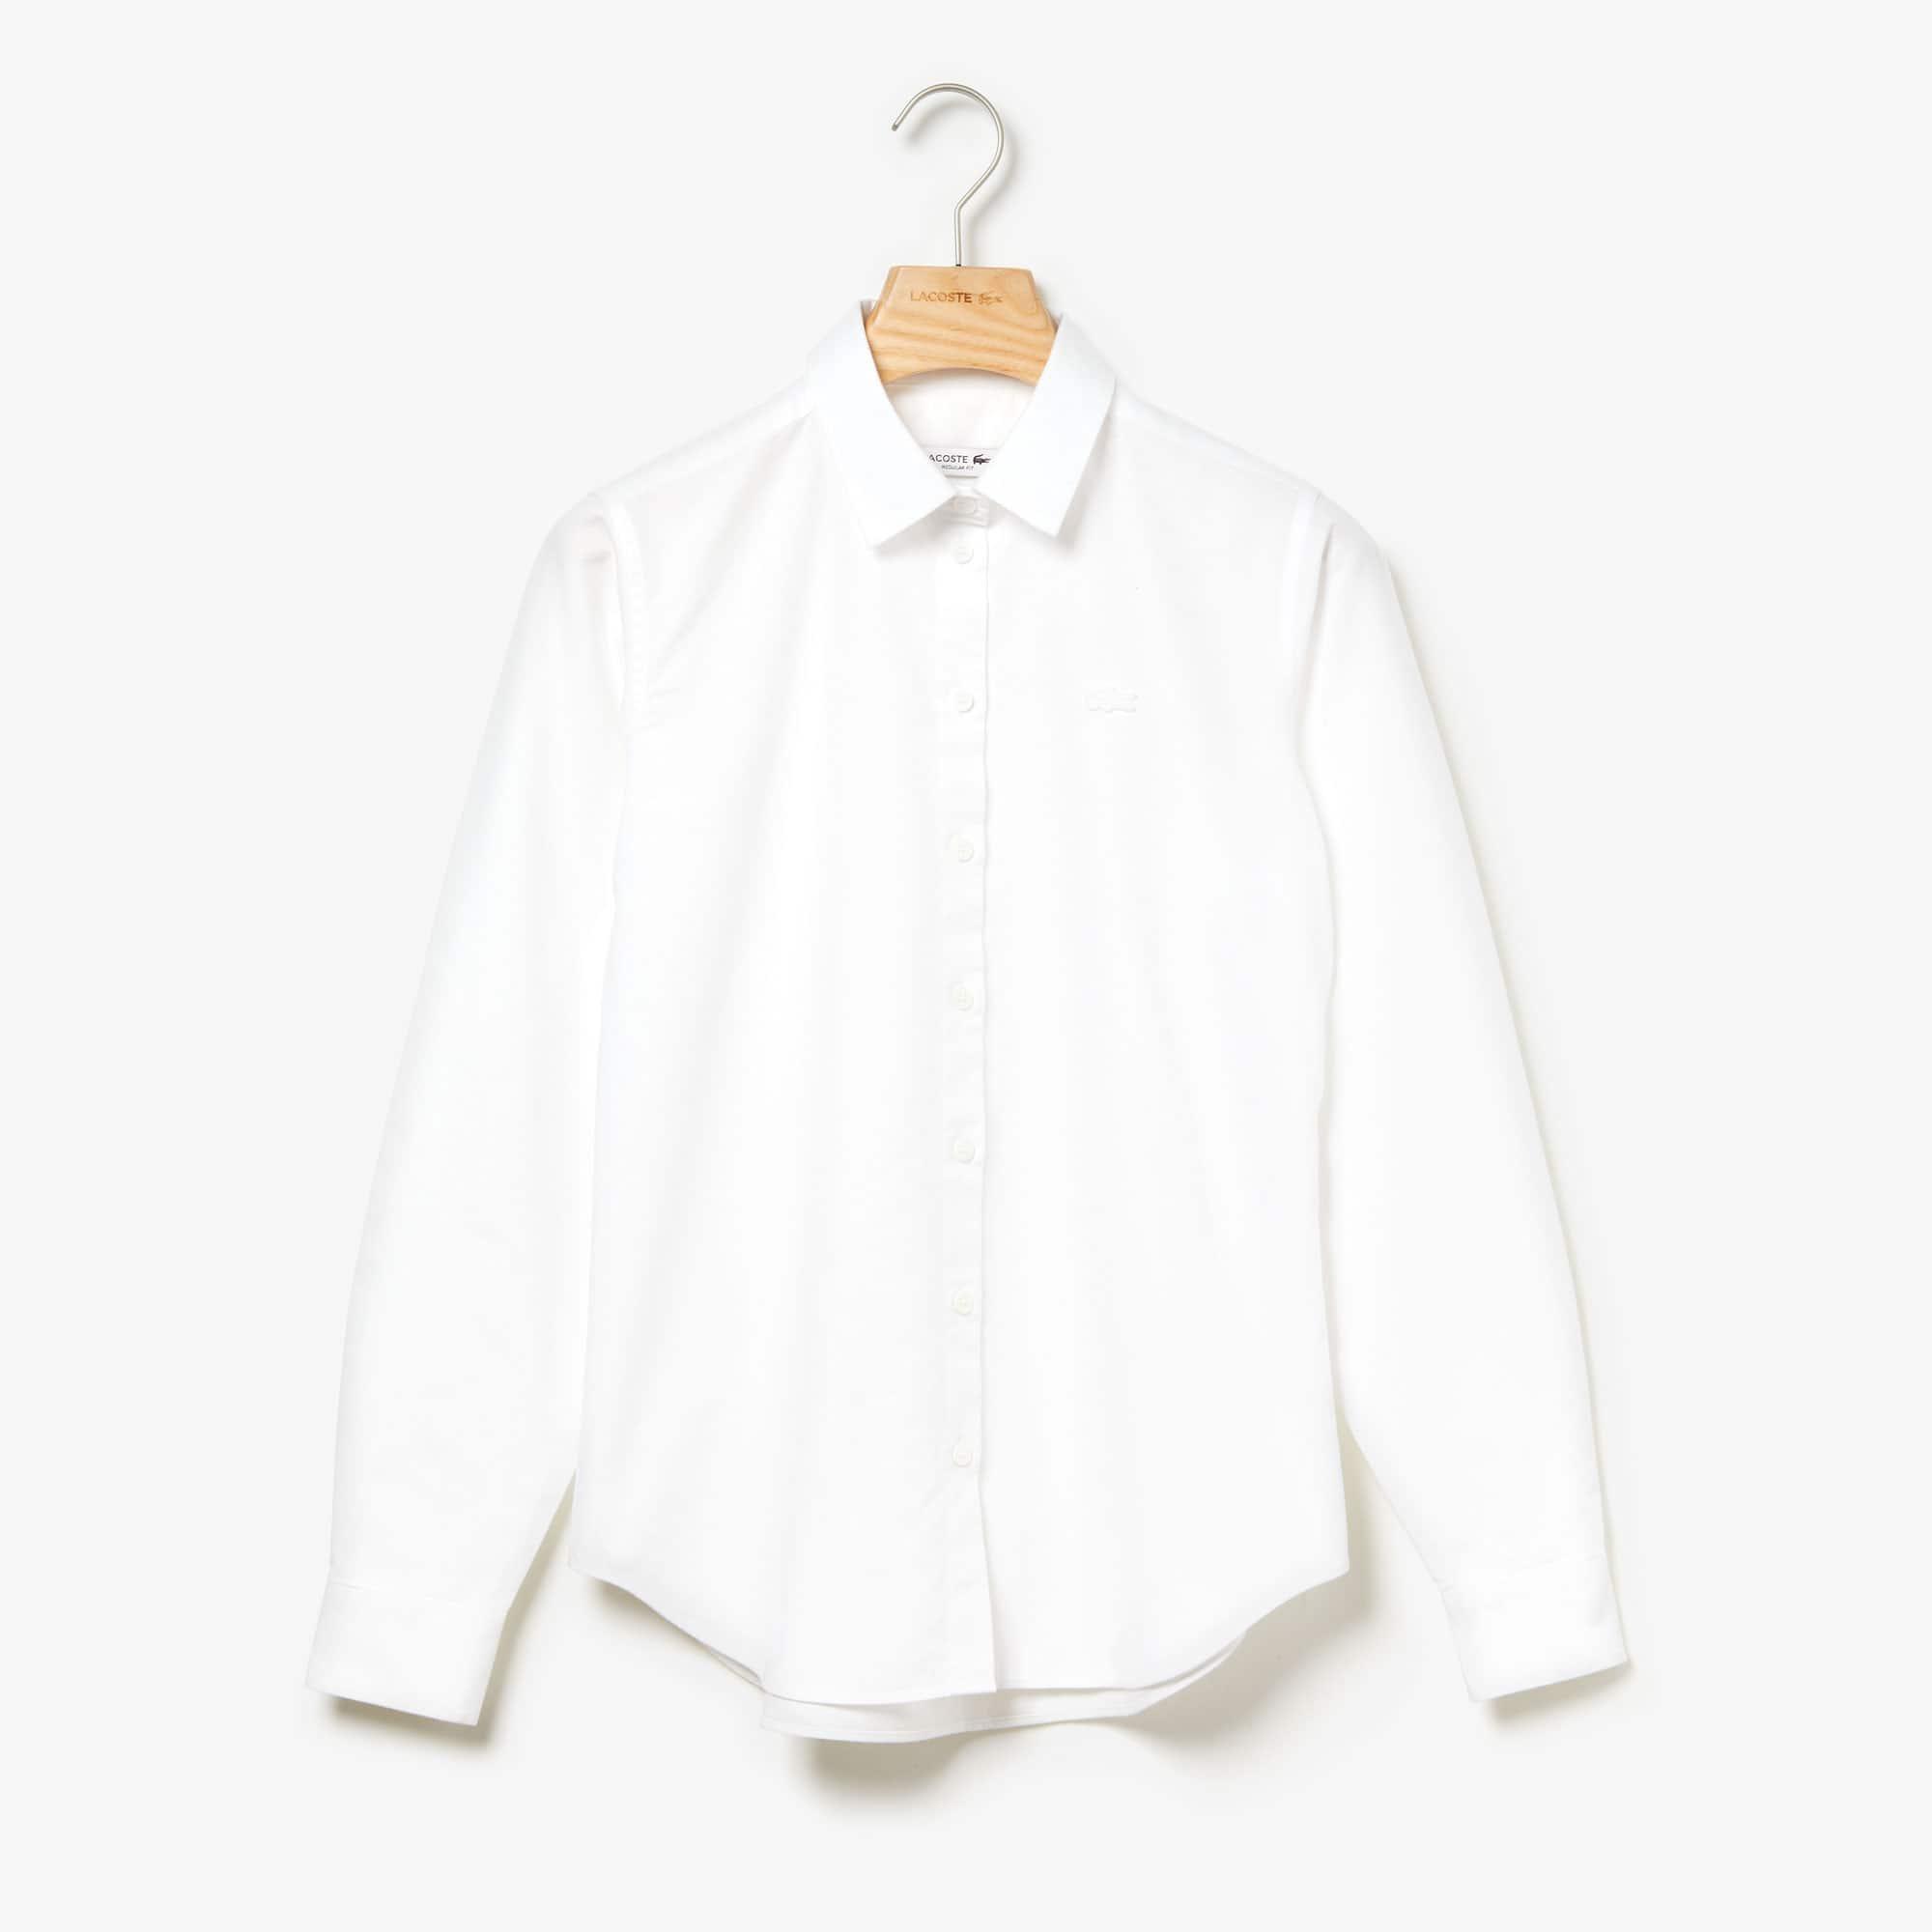 b925dc8694 Women's Regular Fit Oxford Cotton Shirt